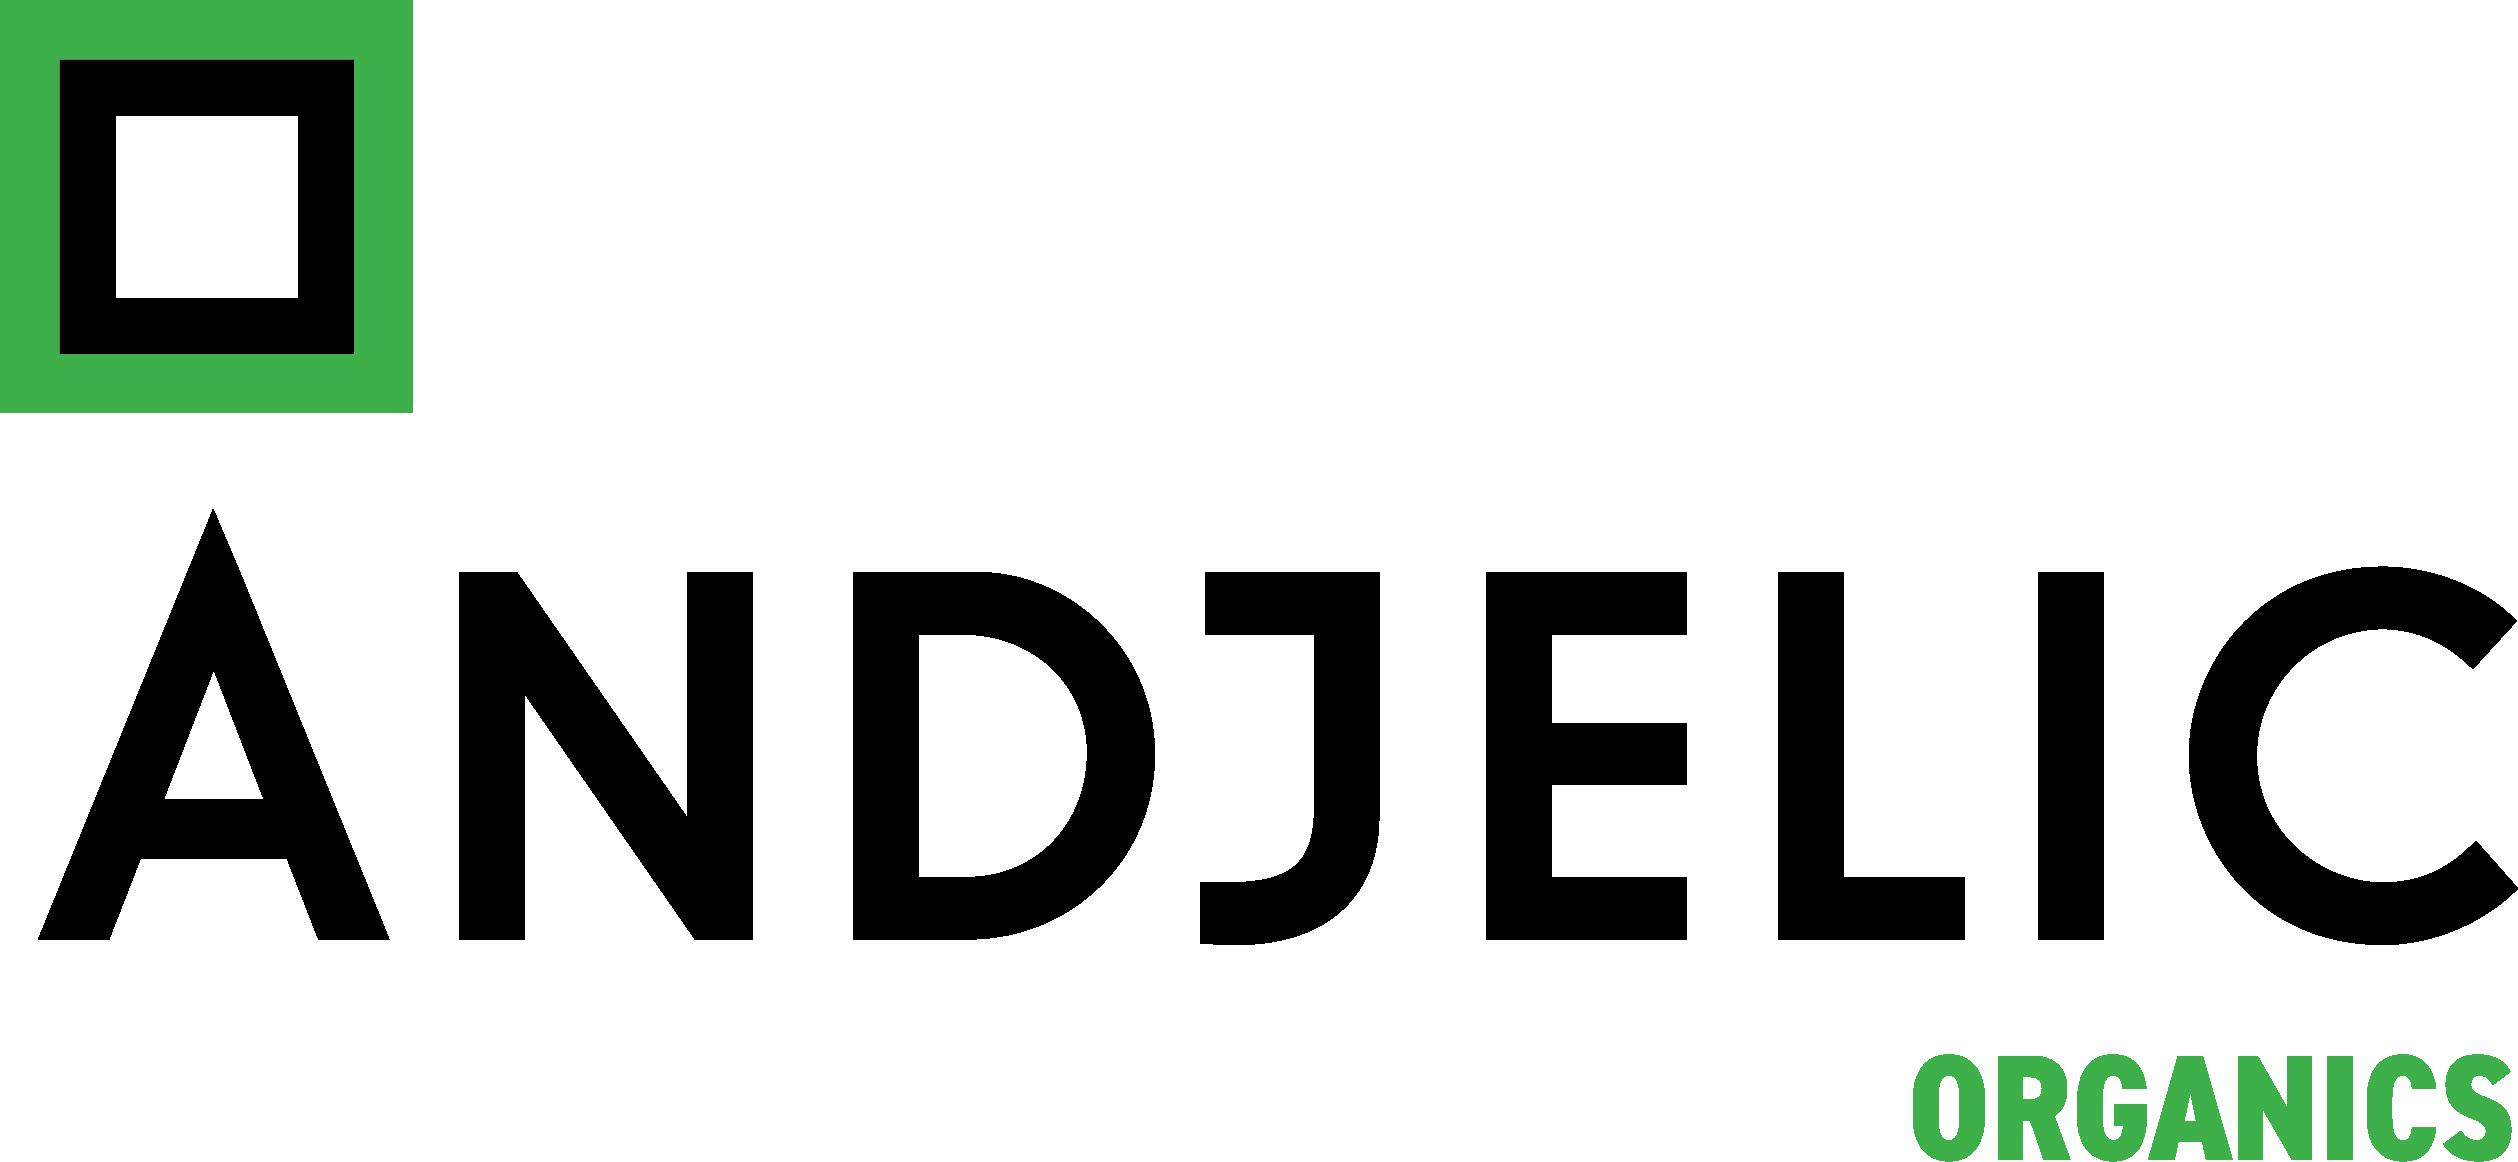 Andjelic organics logo - CMYK